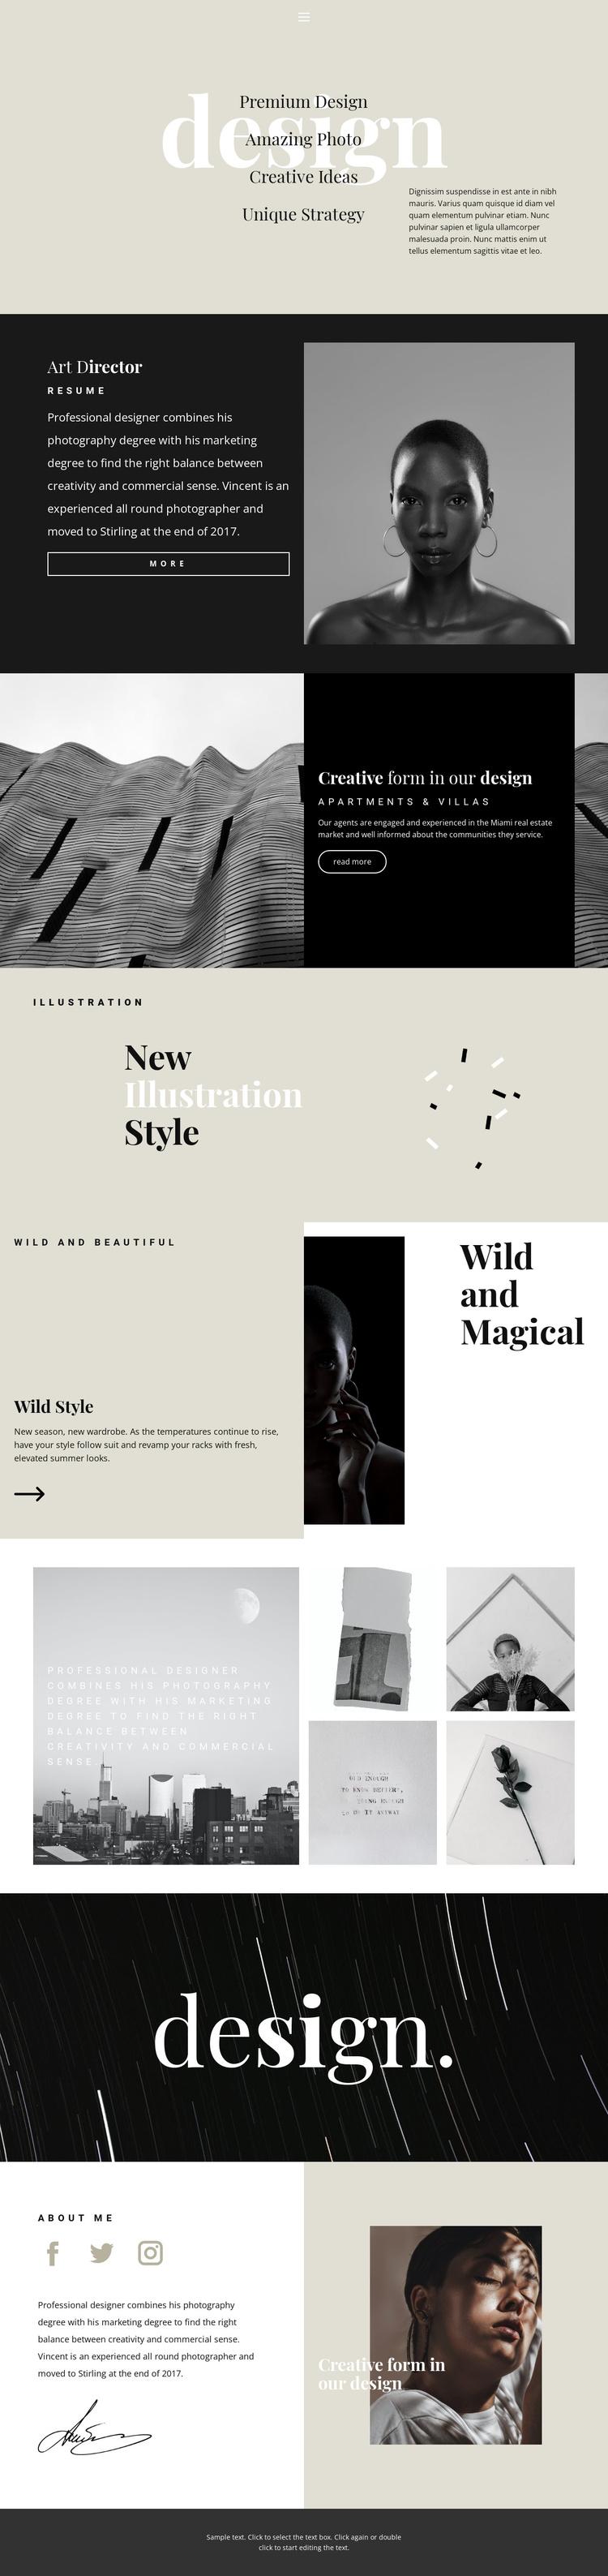 Directions of design studio Joomla Template